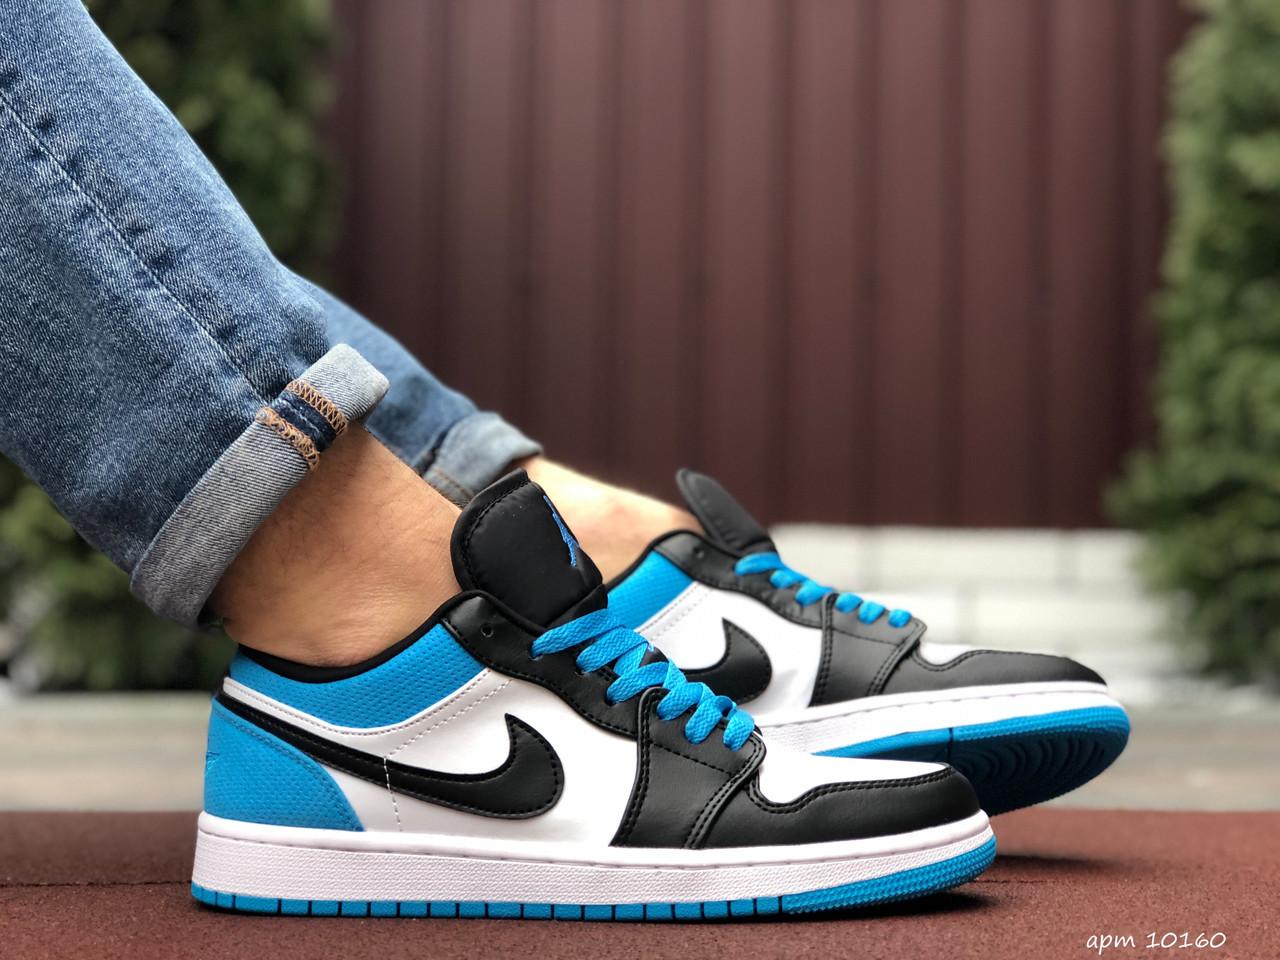 Чоловічі демісезонні кросівки Nike Air Jordan 1 Retro,сині з чорним